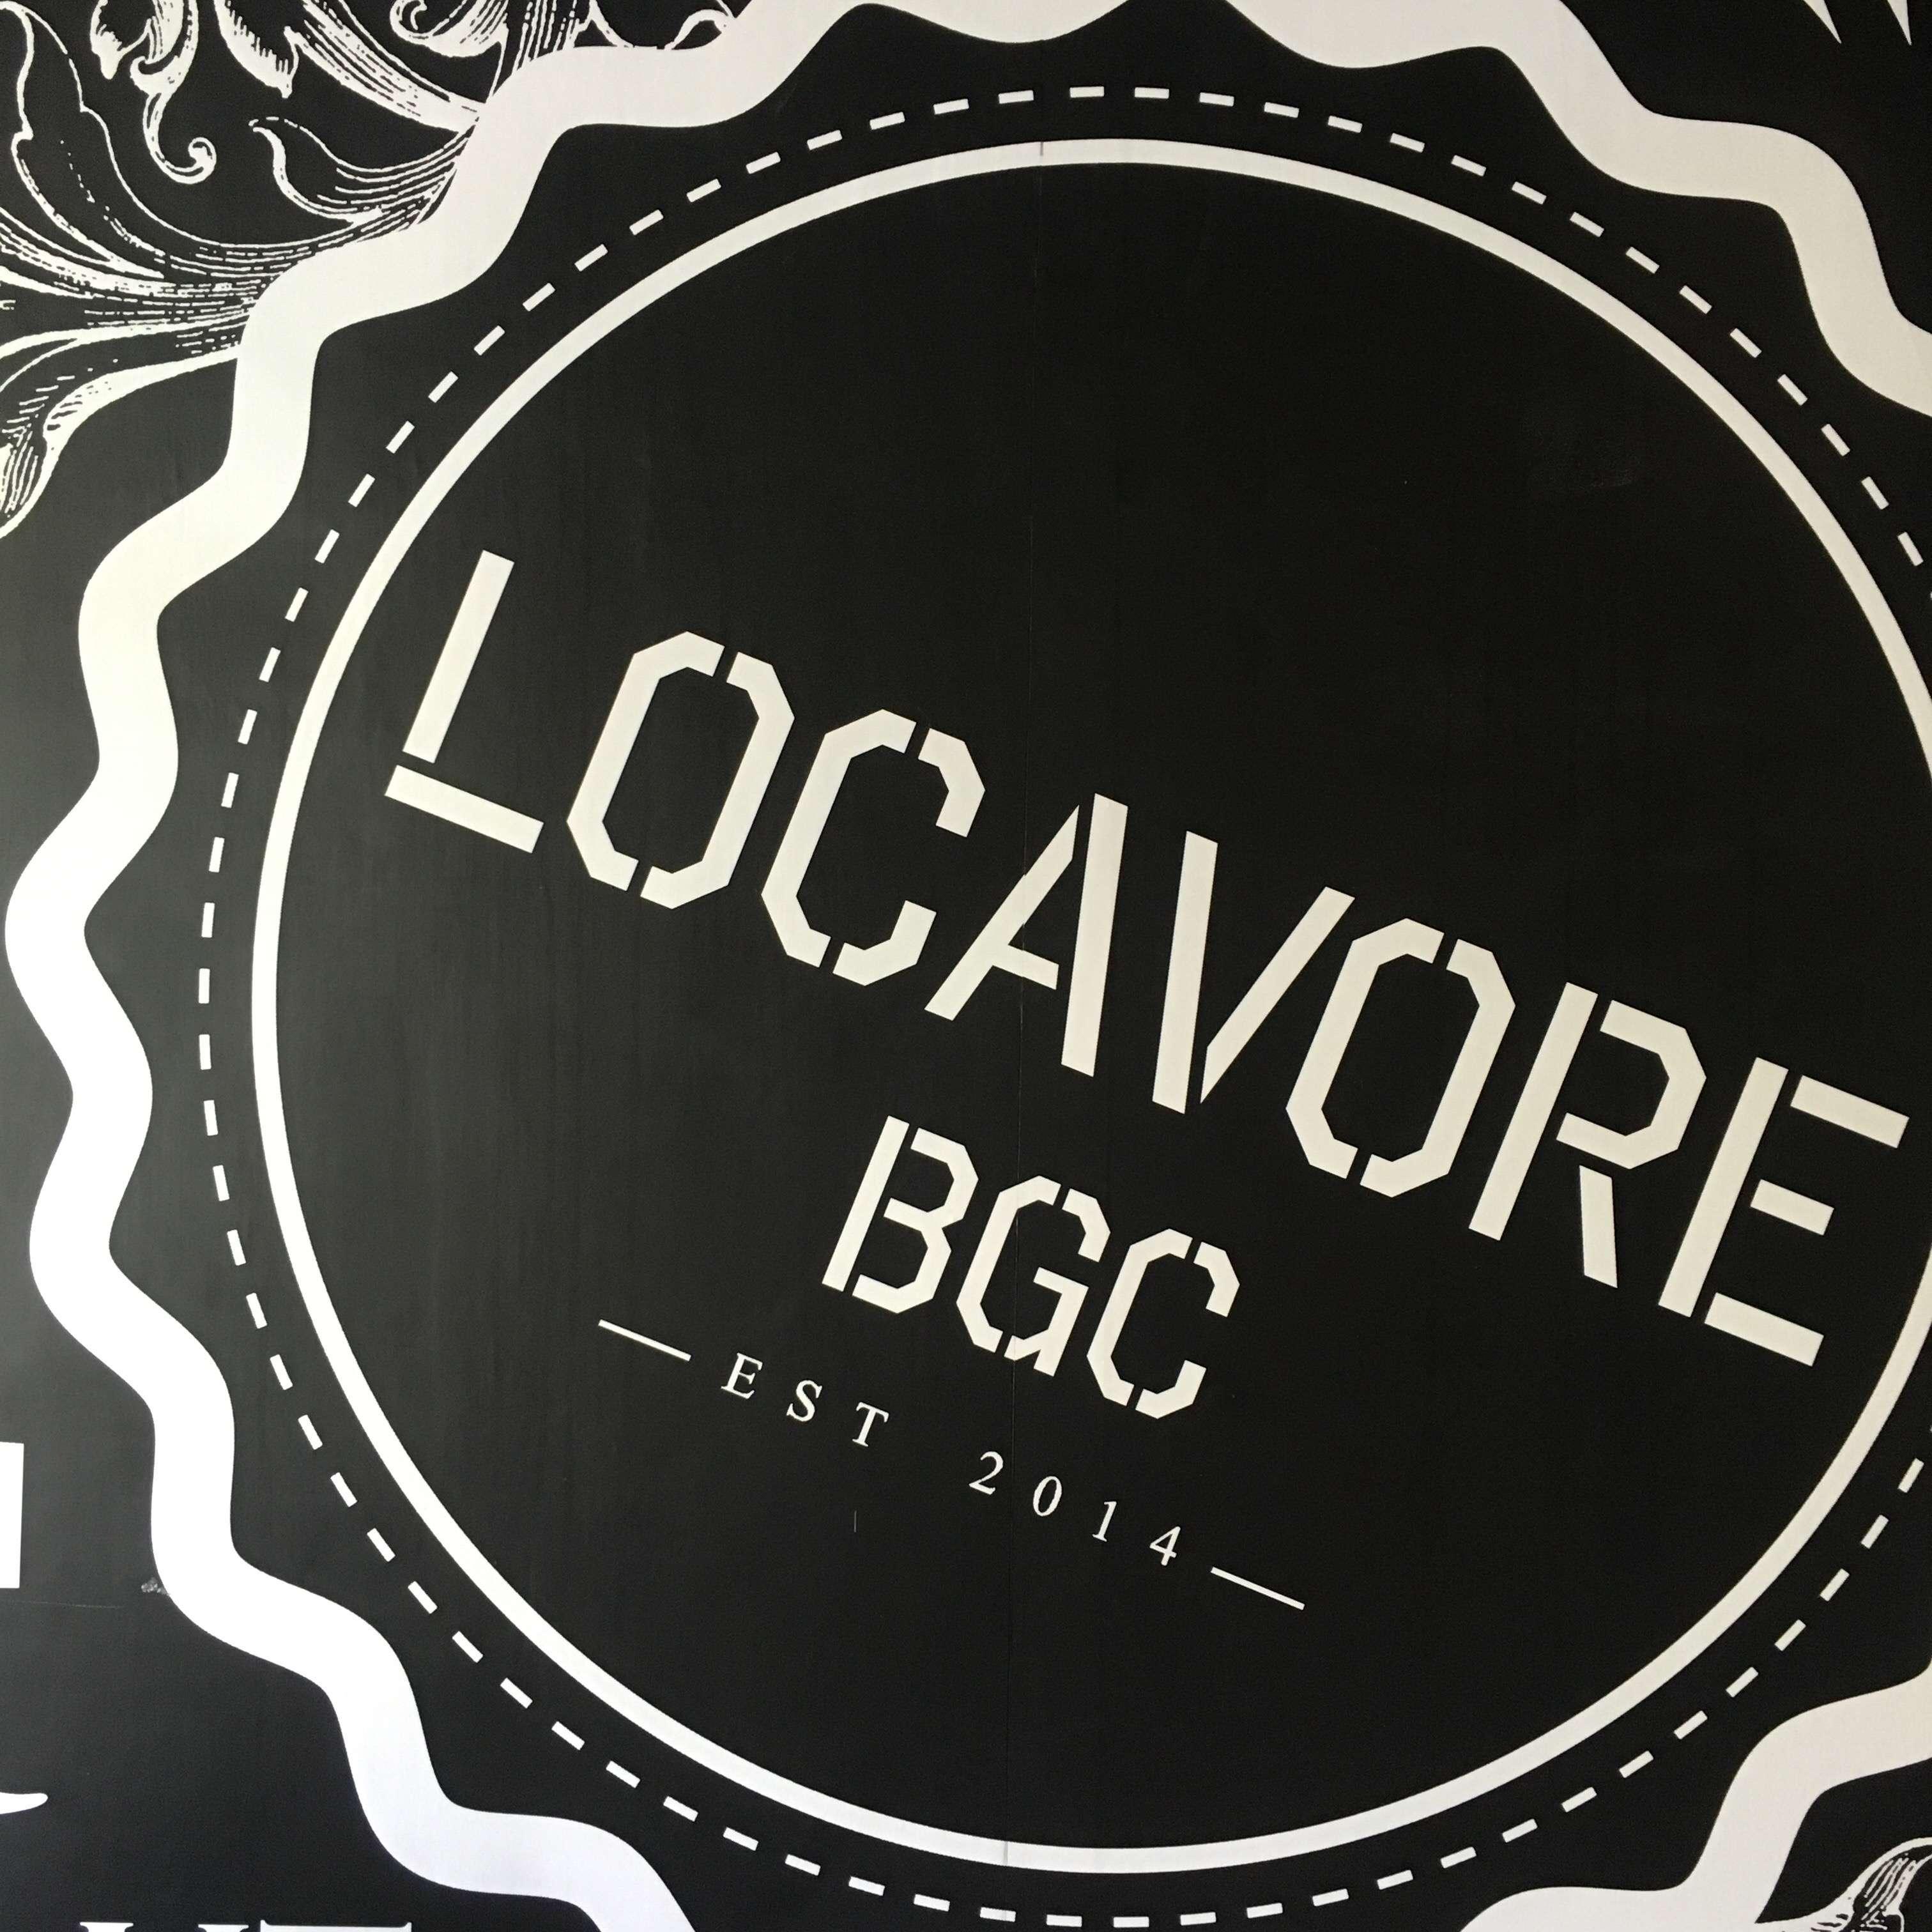 Locavore BGC